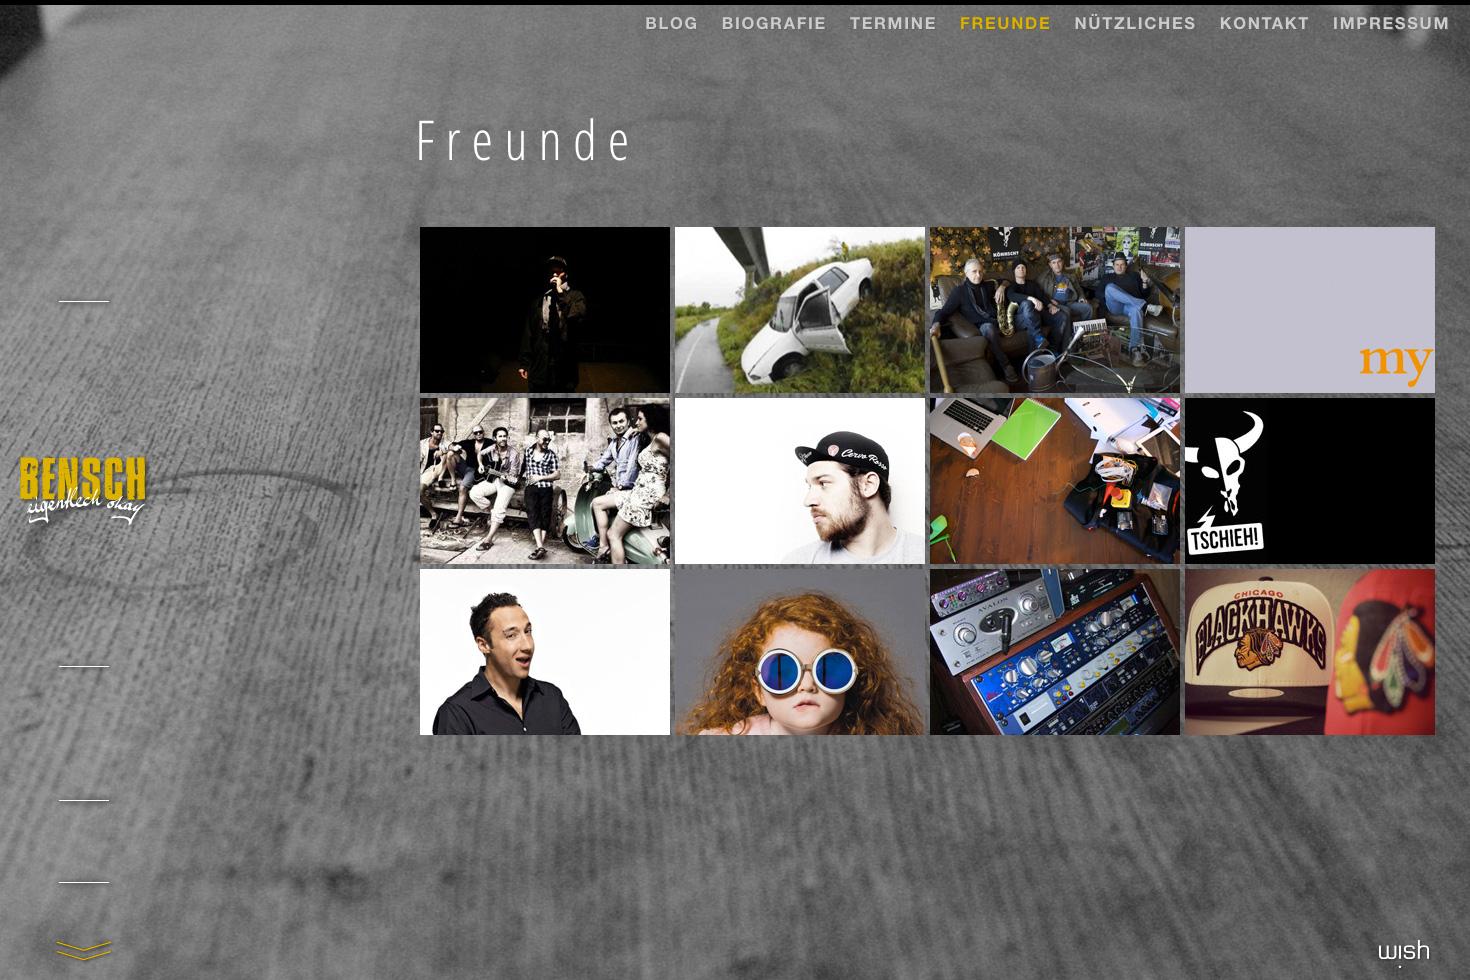 Bild 2 vom BENSCH Webseite